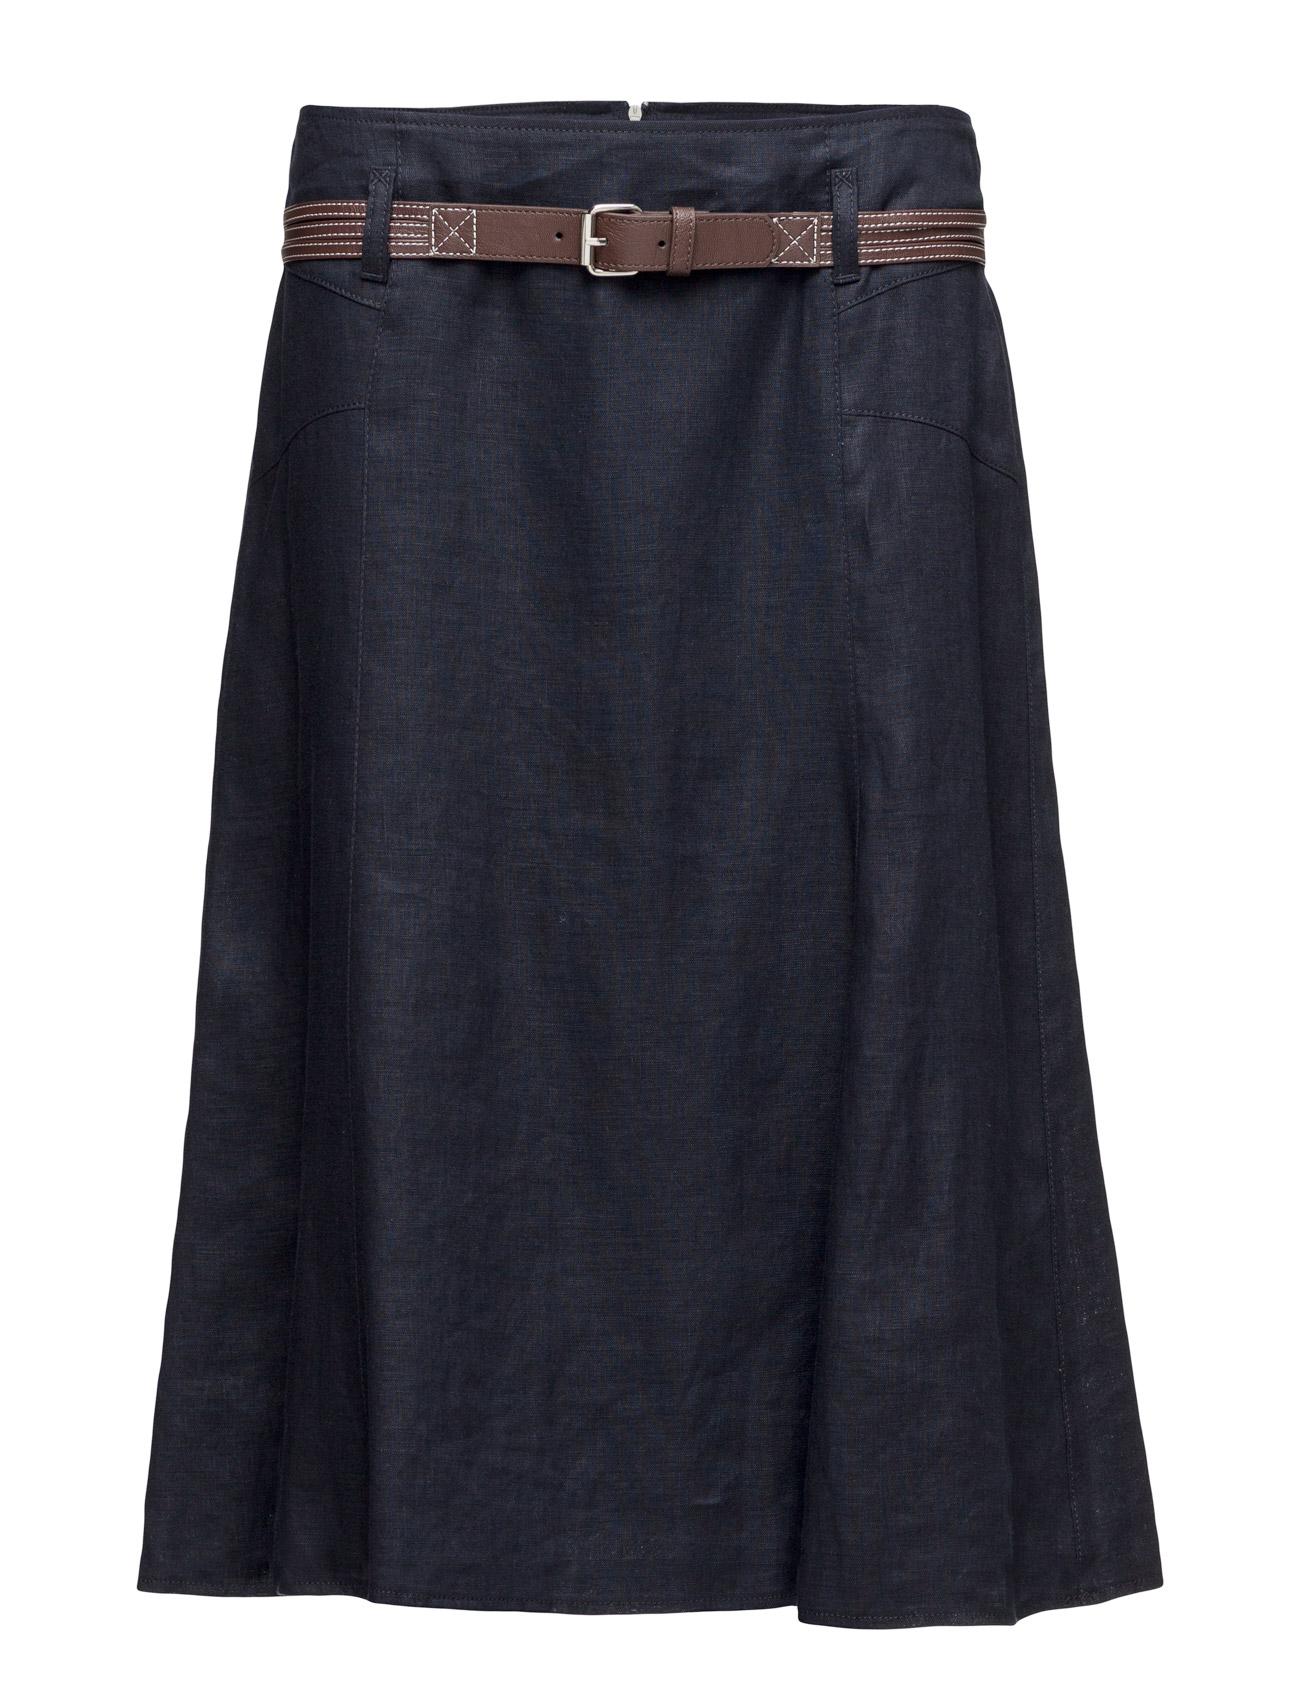 Skirt Short Woven Fa Gerry Weber Edition Knælange & mellemlange til Damer i Navy blå